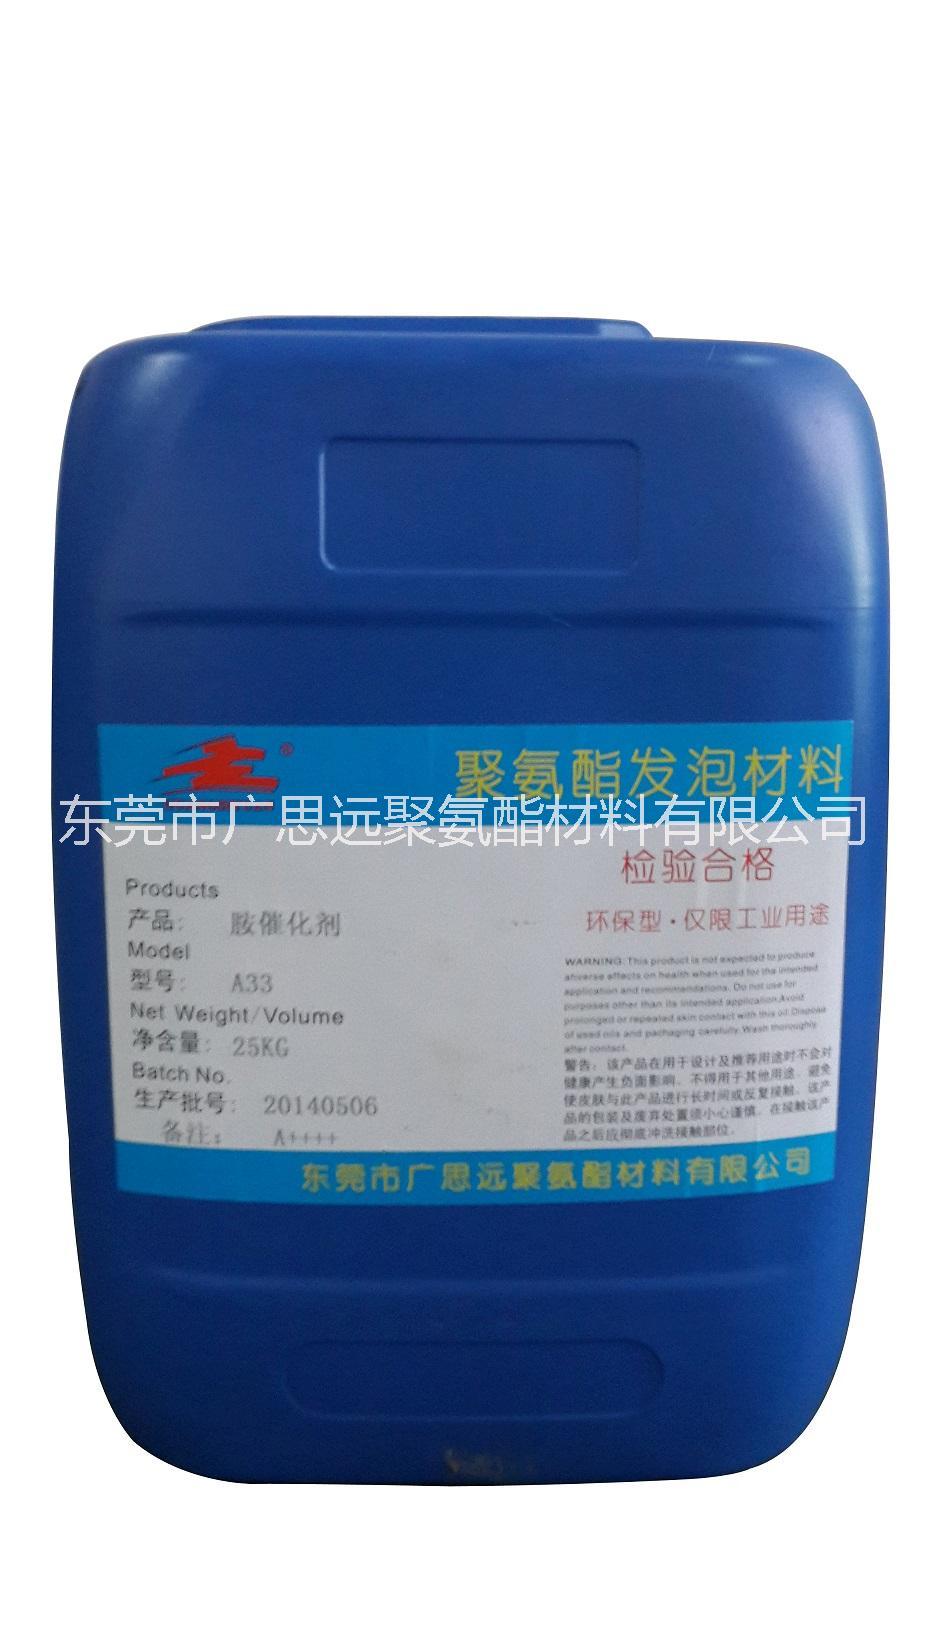 供应催化剂A1  东莞广思远厂家生产